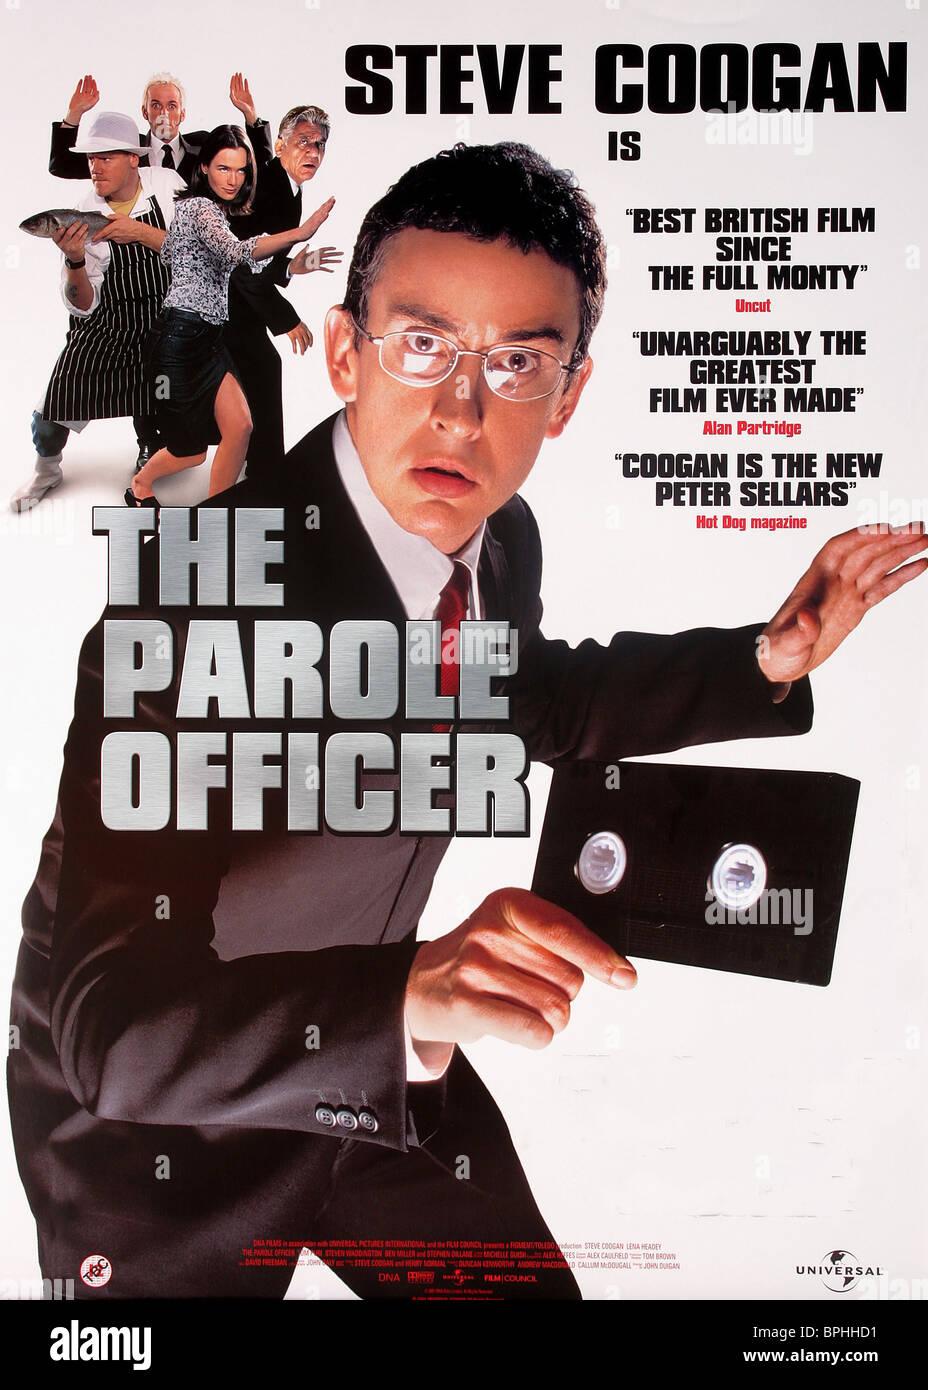 Hot gay parole officer